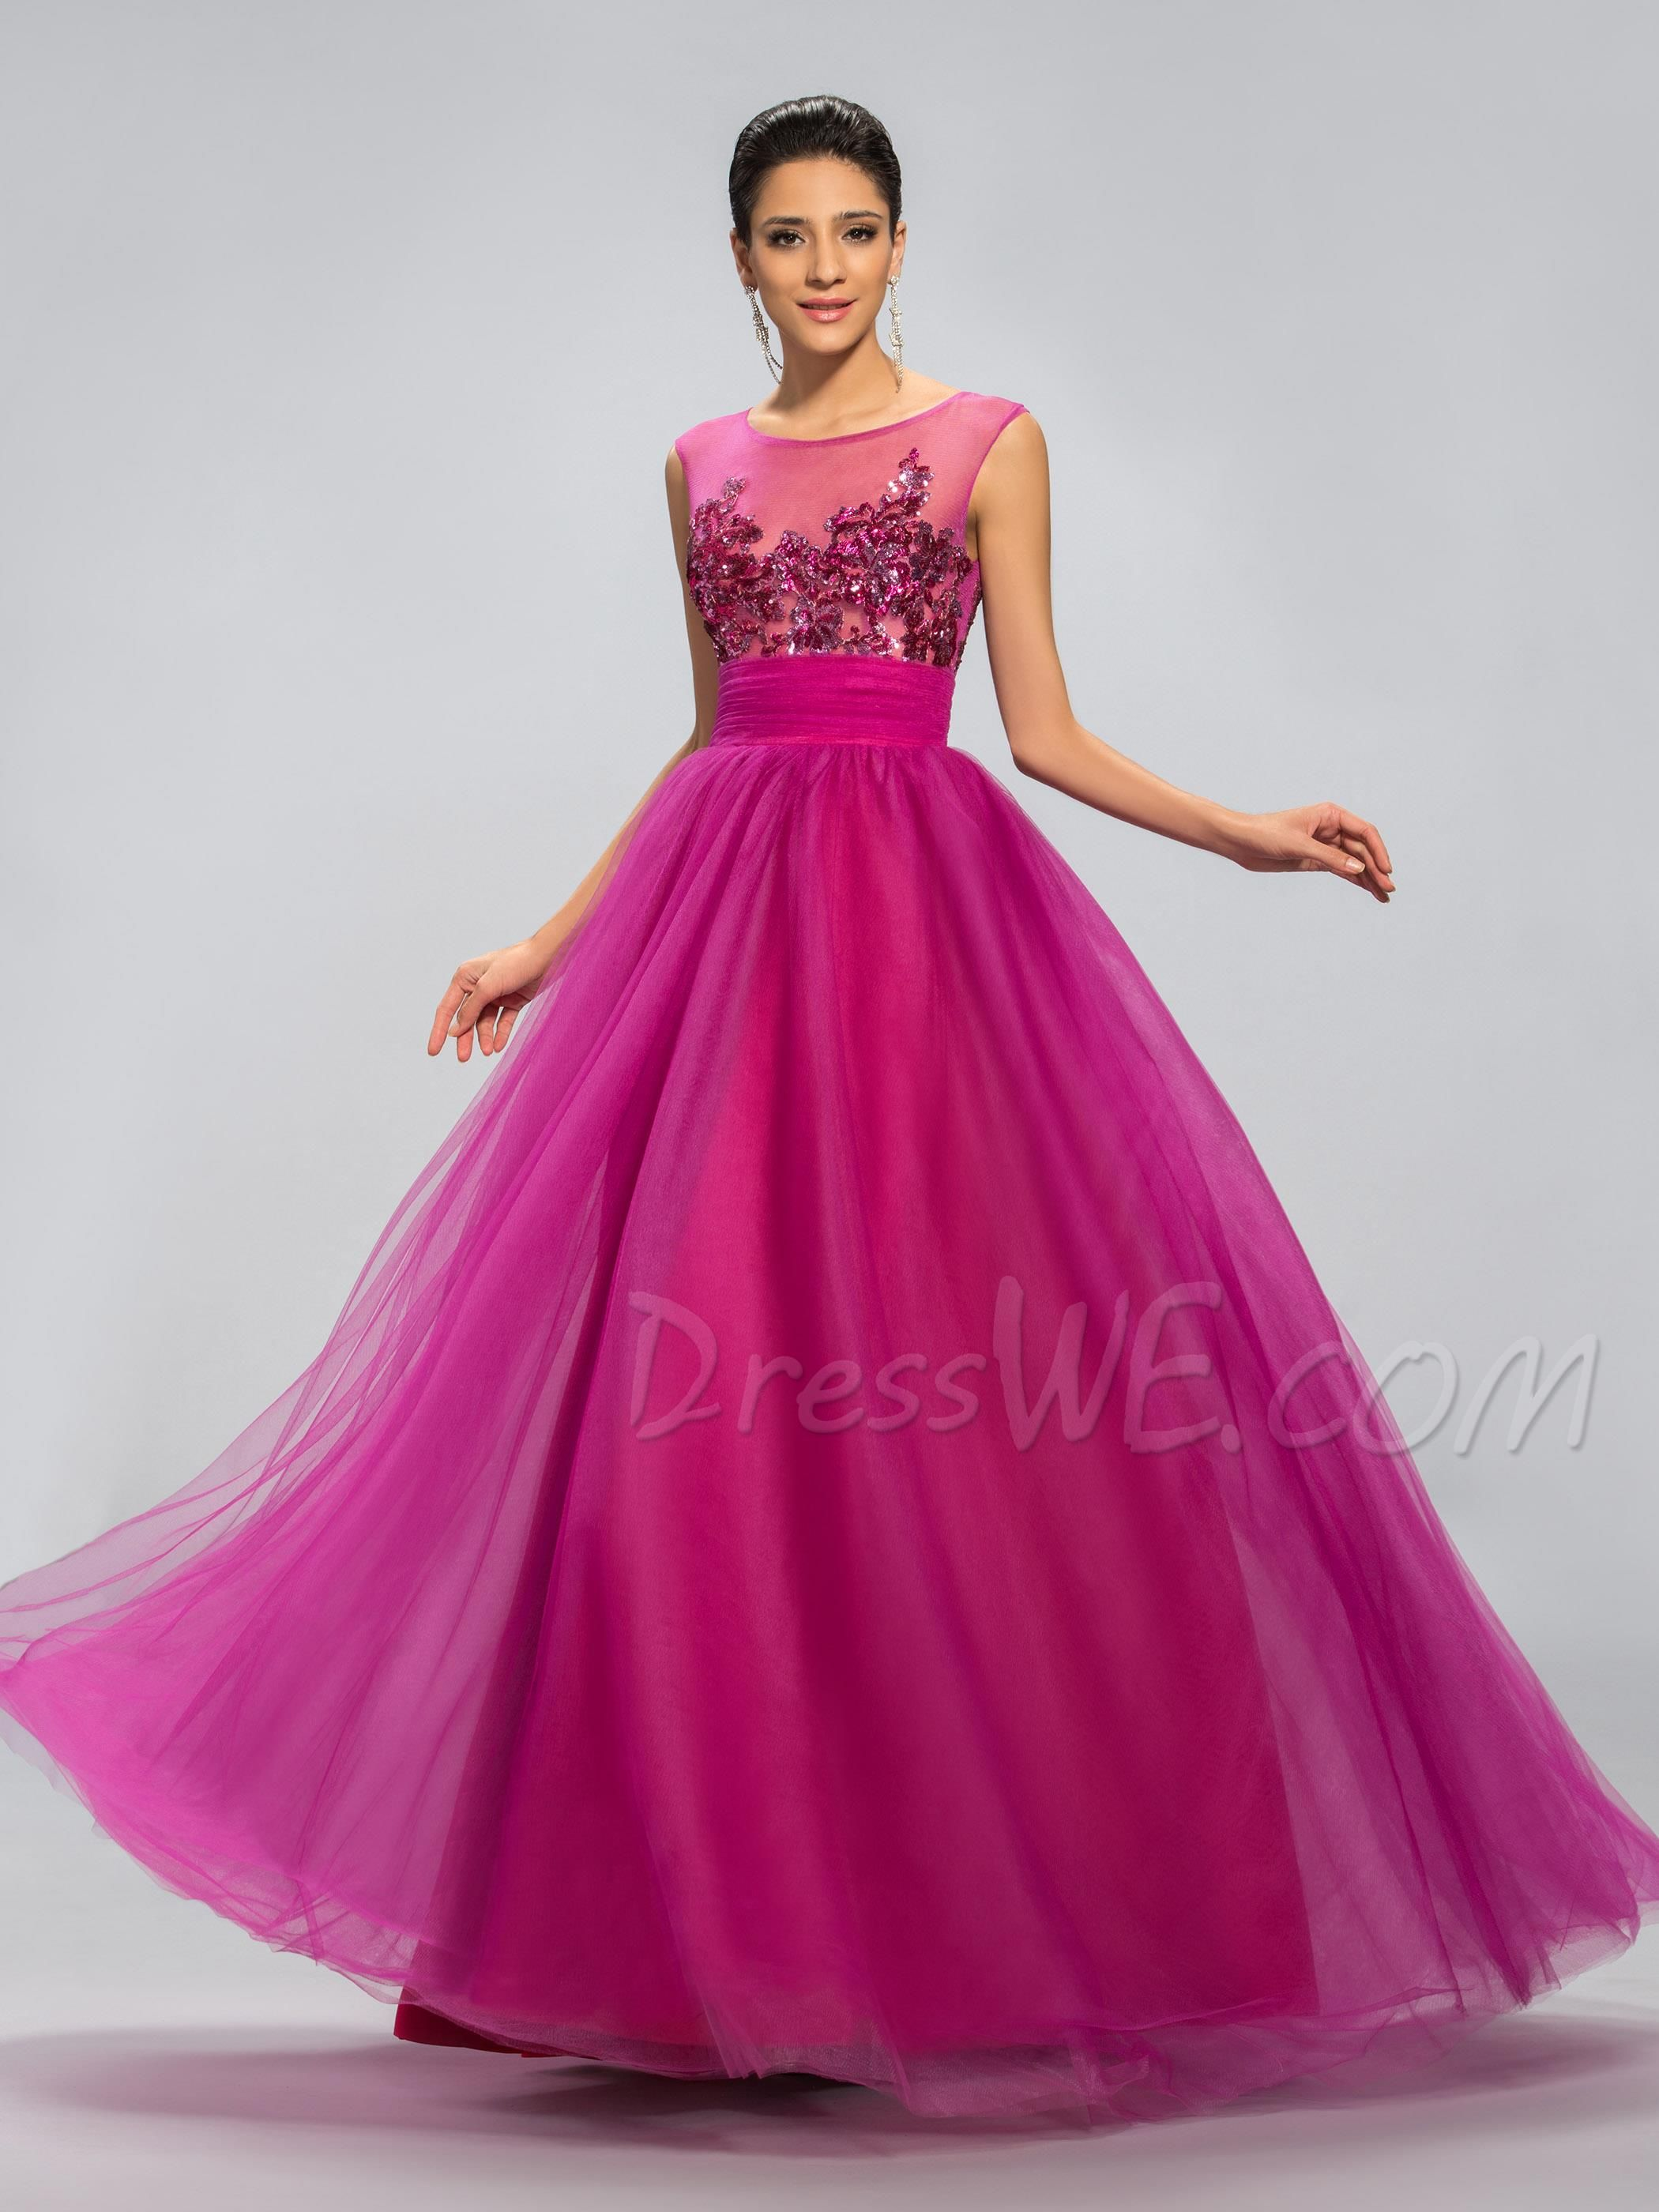 VESTIDO FUCSIA | bodas | Pinterest | Vestido fucsia, Fucsia y Ropa